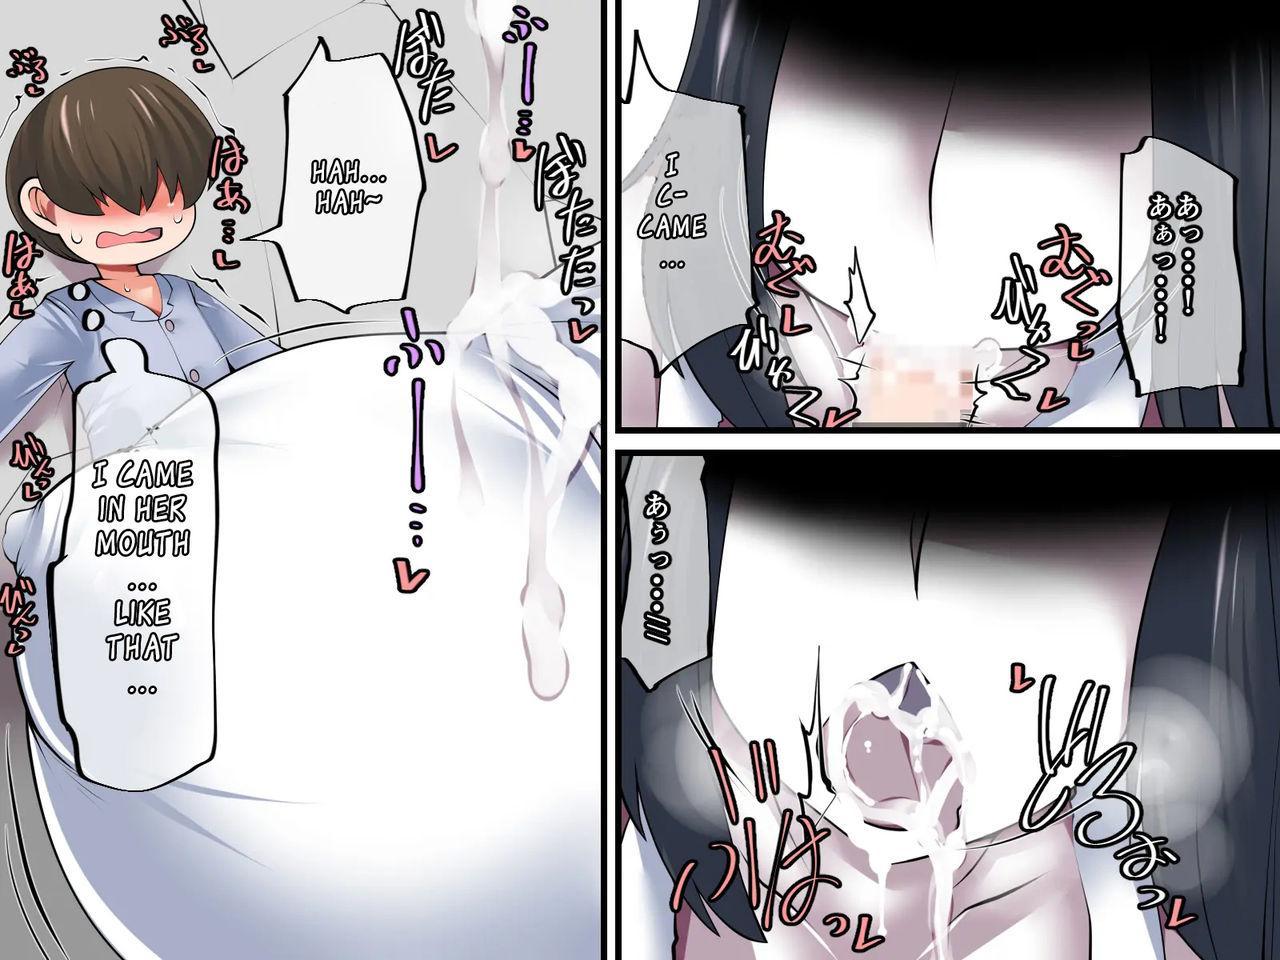 Kimi no Sei ga Tsukiru made 13